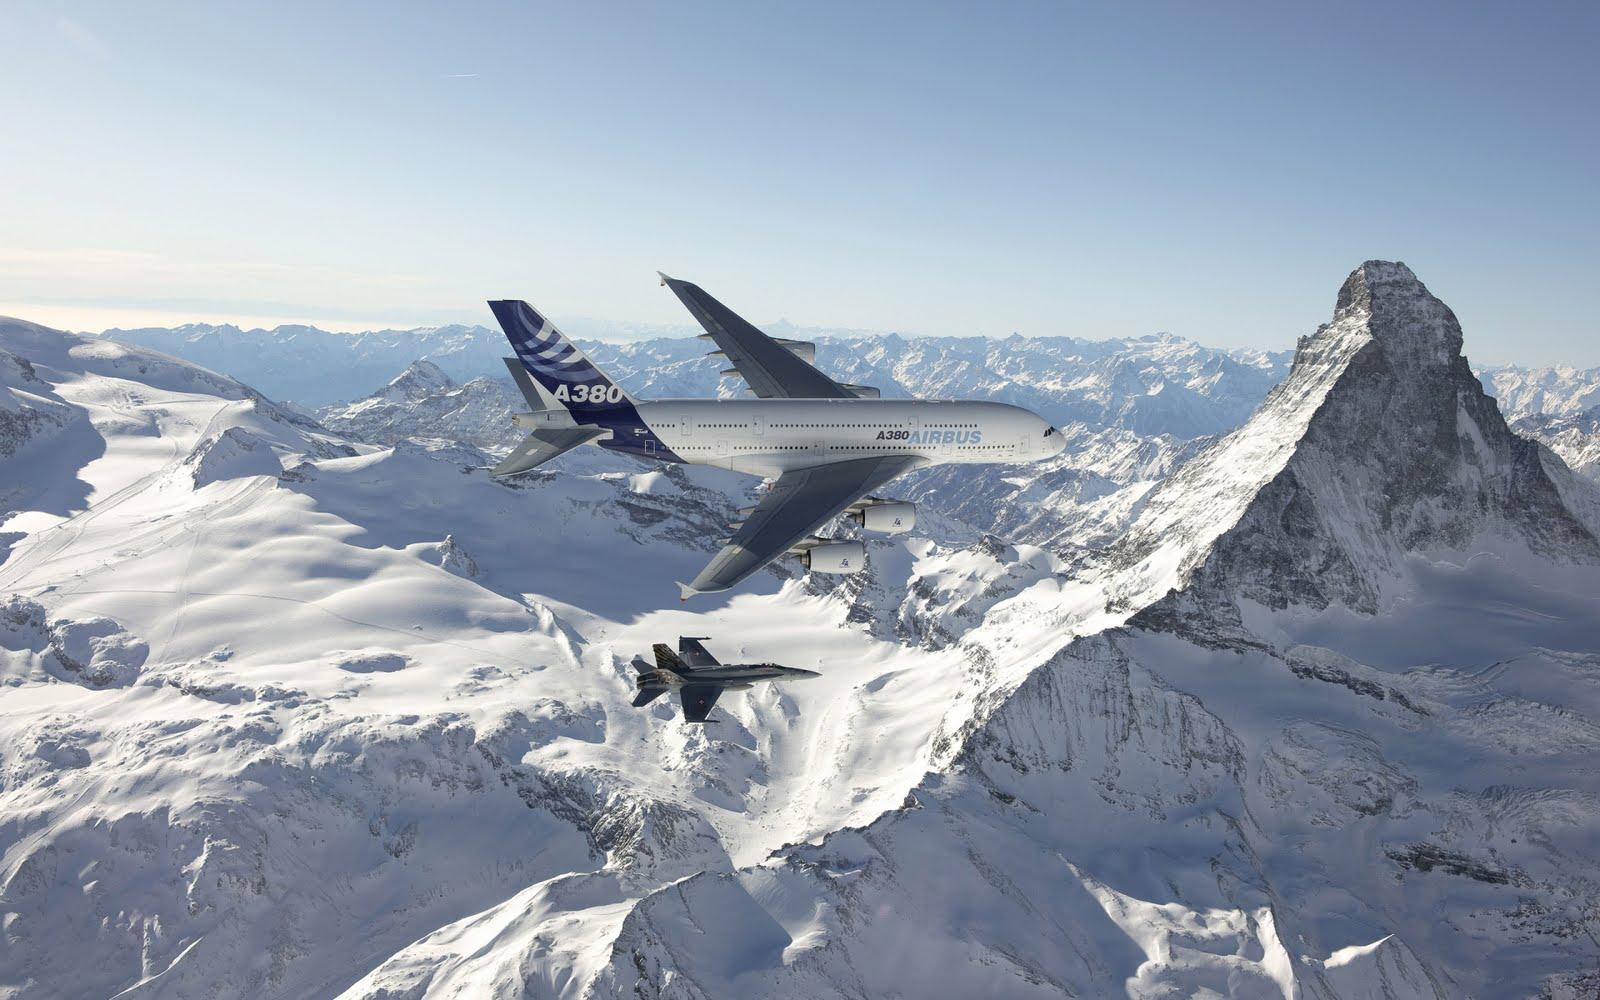 http://4.bp.blogspot.com/-VW5T0_nUsao/TiJPZ7OEWVI/AAAAAAAAinM/jf1OWefIsXQ/s1600/Airbus-A-380.jpg